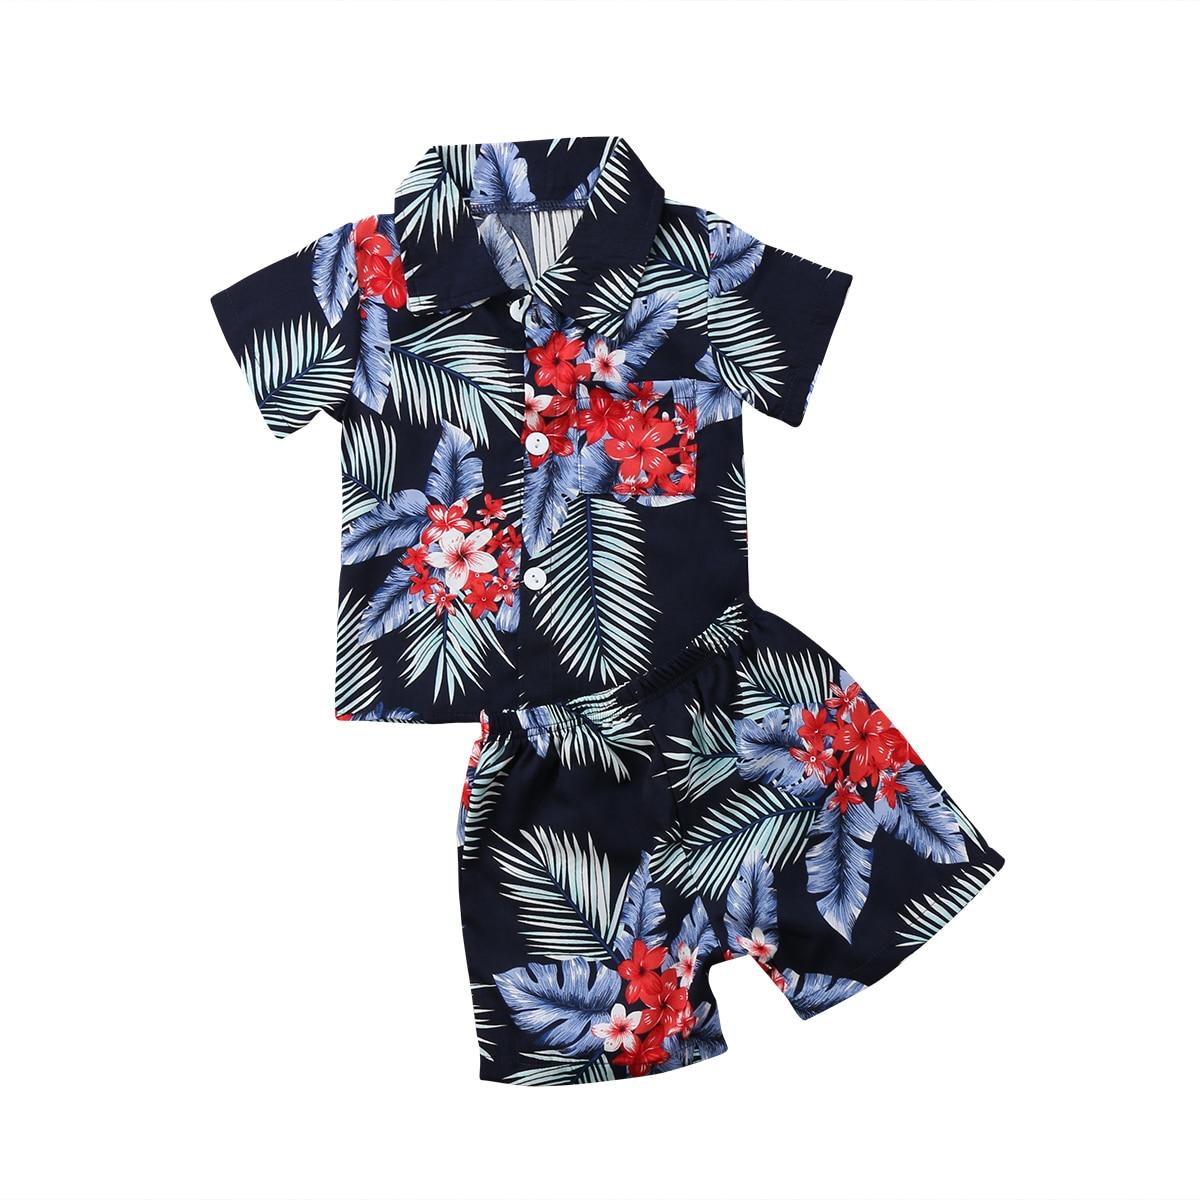 2018 Casual Neonato Bambino Bambino Dei Capretti del Ragazzo Abiti Da Spiaggia Manica Corta T Shirt Tee Tops + Pantaloni Floreali 2 PZ abiti Set